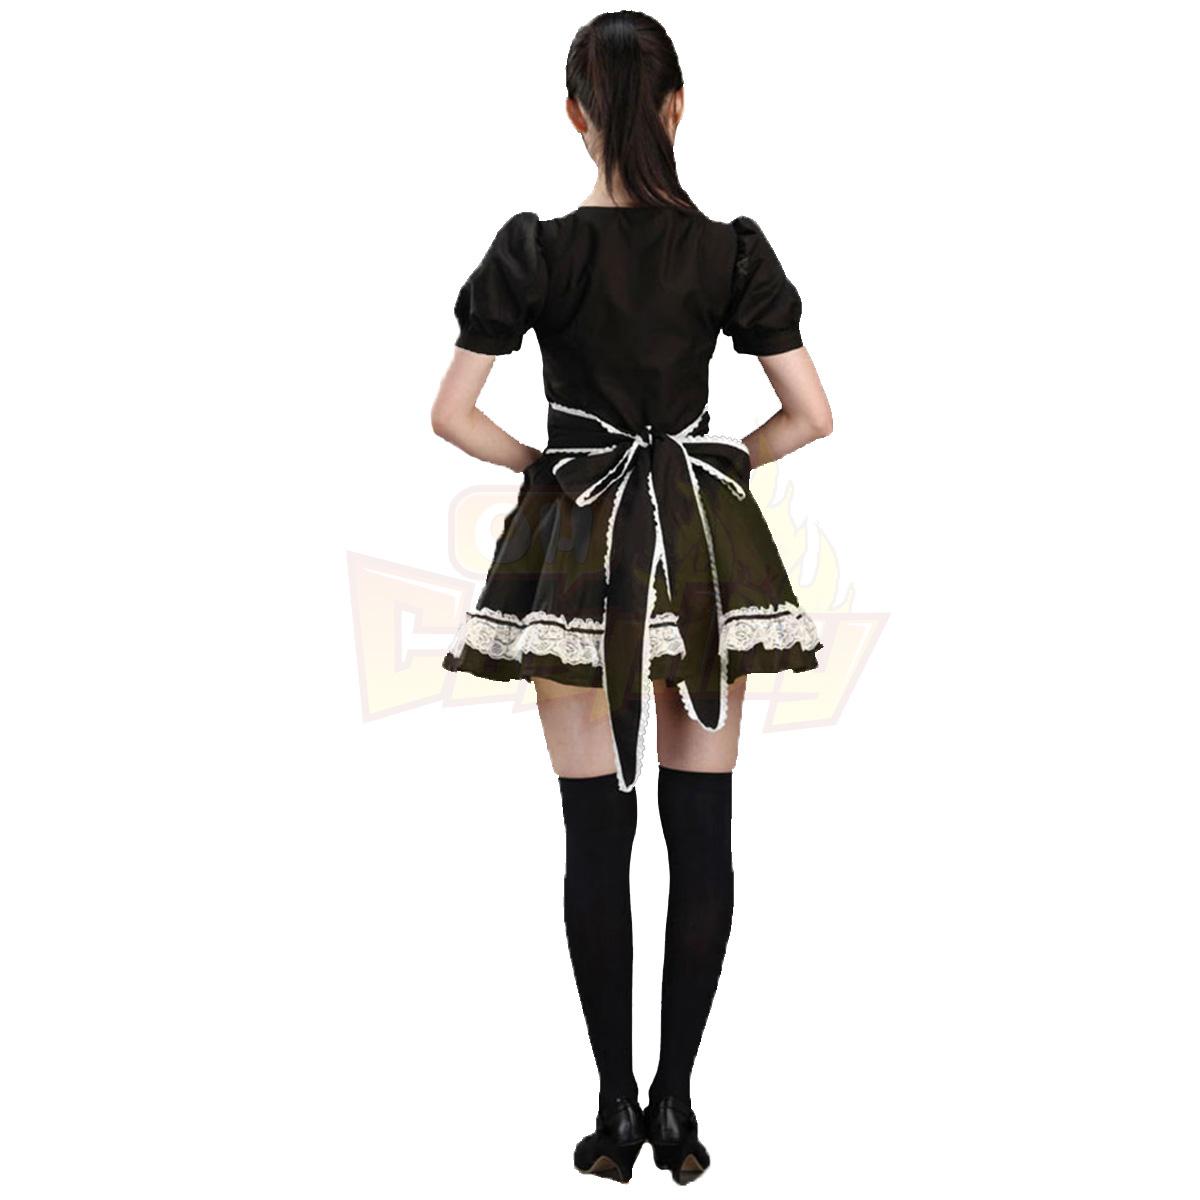 호화로운 로리타 문화 랜턴 짧은 소매 드레스 코스프레 의상